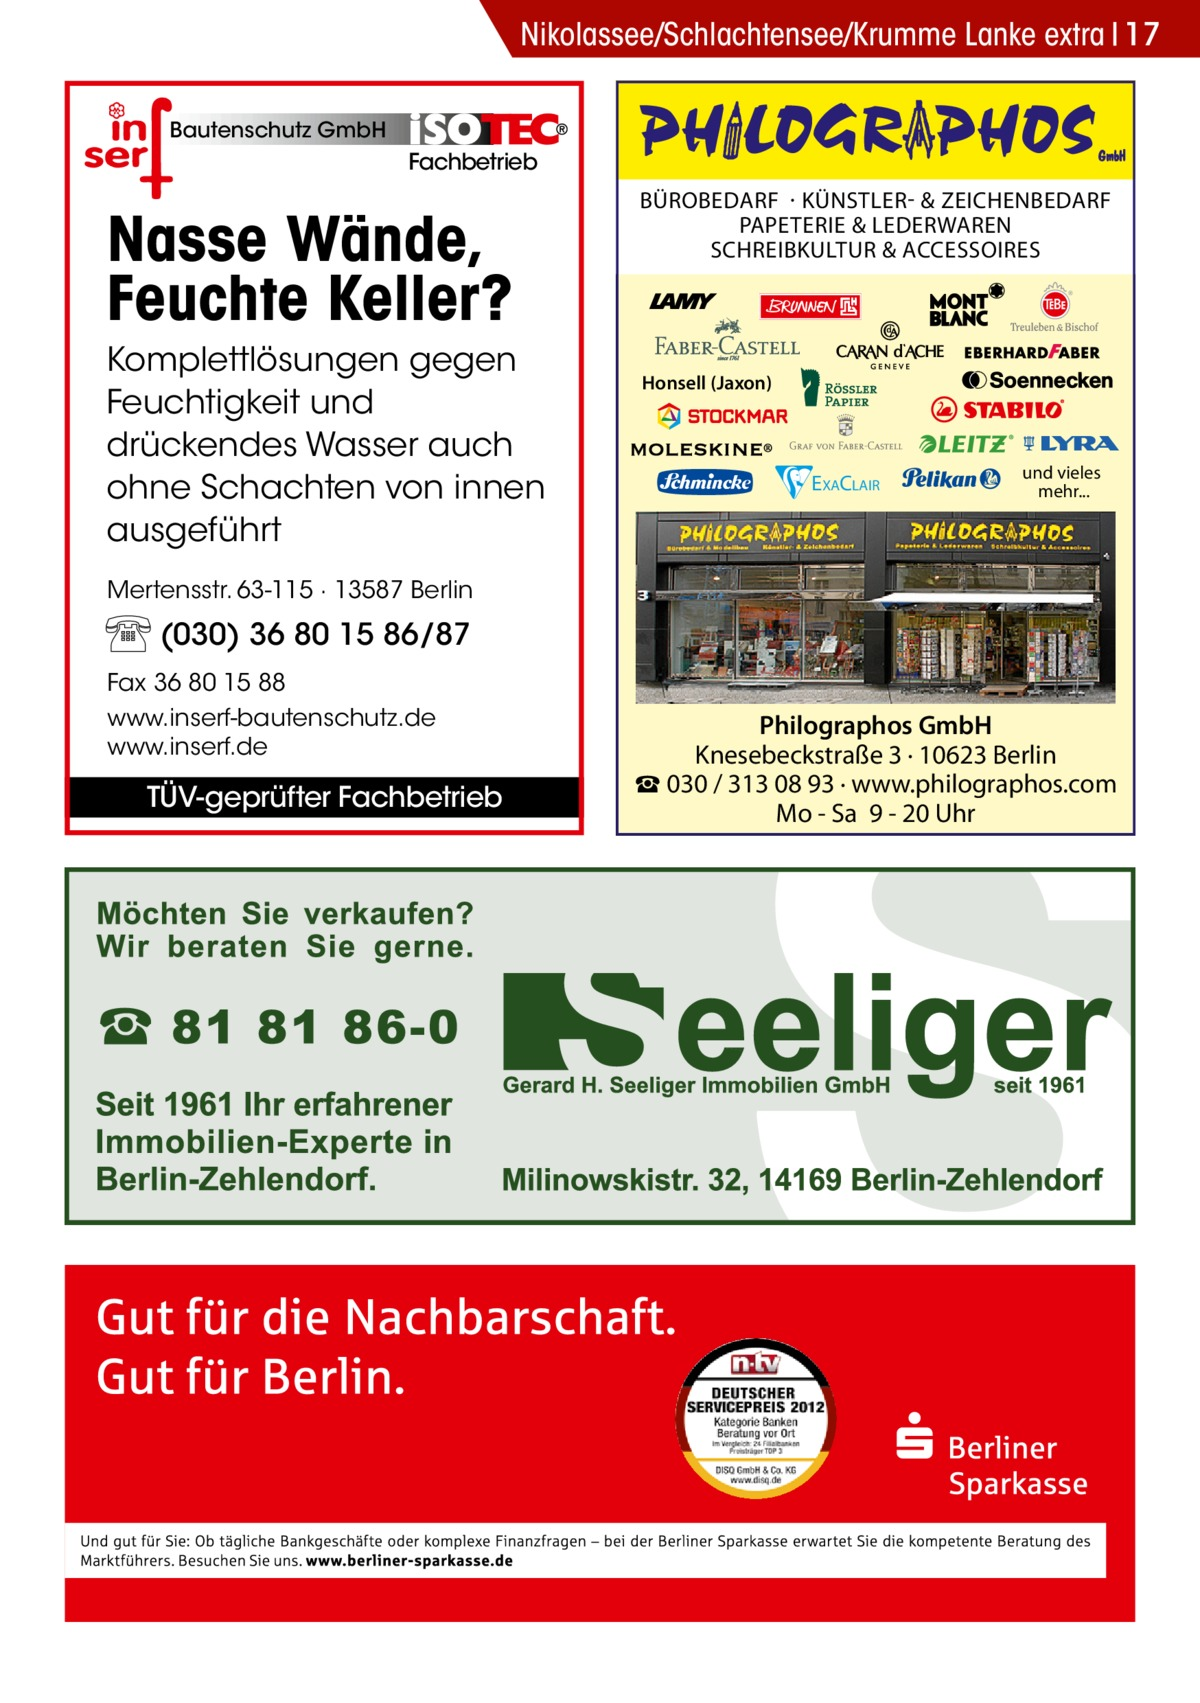 Nikolassee/Schlachtensee/Krumme Lanke extra 17 Bautenschutz GmbH  Fachbetrieb  Nasse Wände, Feuchte Keller? Komplettlösungen gegen Feuchtigkeit und drückendes Wasser auch ohne Schachten von innen ausgeführt  BÜROBEDARF · KÜNSTLER- & ZEICHENBEDARF PAPETERIE & LEDERWAREN SCHREIBKULTUR & ACCESSOIRES  Honsell (Jaxon)  EXACLAIR  und vieles mehr...  Mertensstr. 63-115 · 13587 Berlin  (030) 36 80 15 86/87 Fax 36 80 15 88 www.inserf-bautenschutz.de www.inserf.de  TÜV-geprüfter Fachbetrieb  Philographos GmbH Knesebeckstraße 3 · 10623 Berlin ☎ 030 / 313 08 93 · www.philographos.com Mo - Sa 9 - 20 Uhr